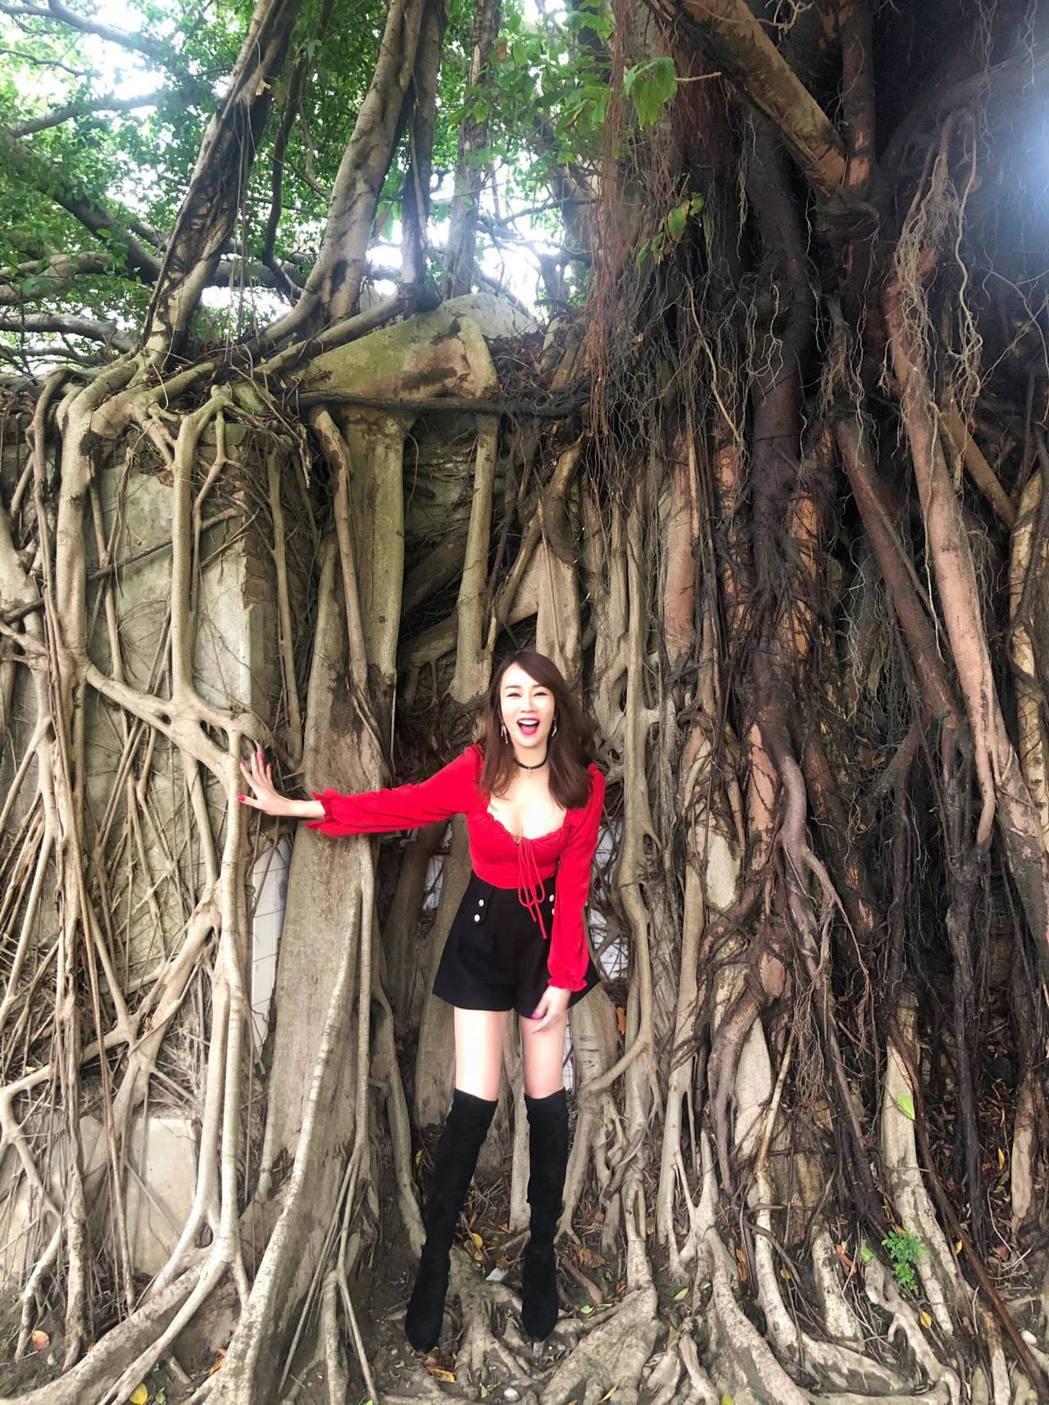 林佩瑤日前到台南旅遊。 圖/擷自林佩瑤臉書